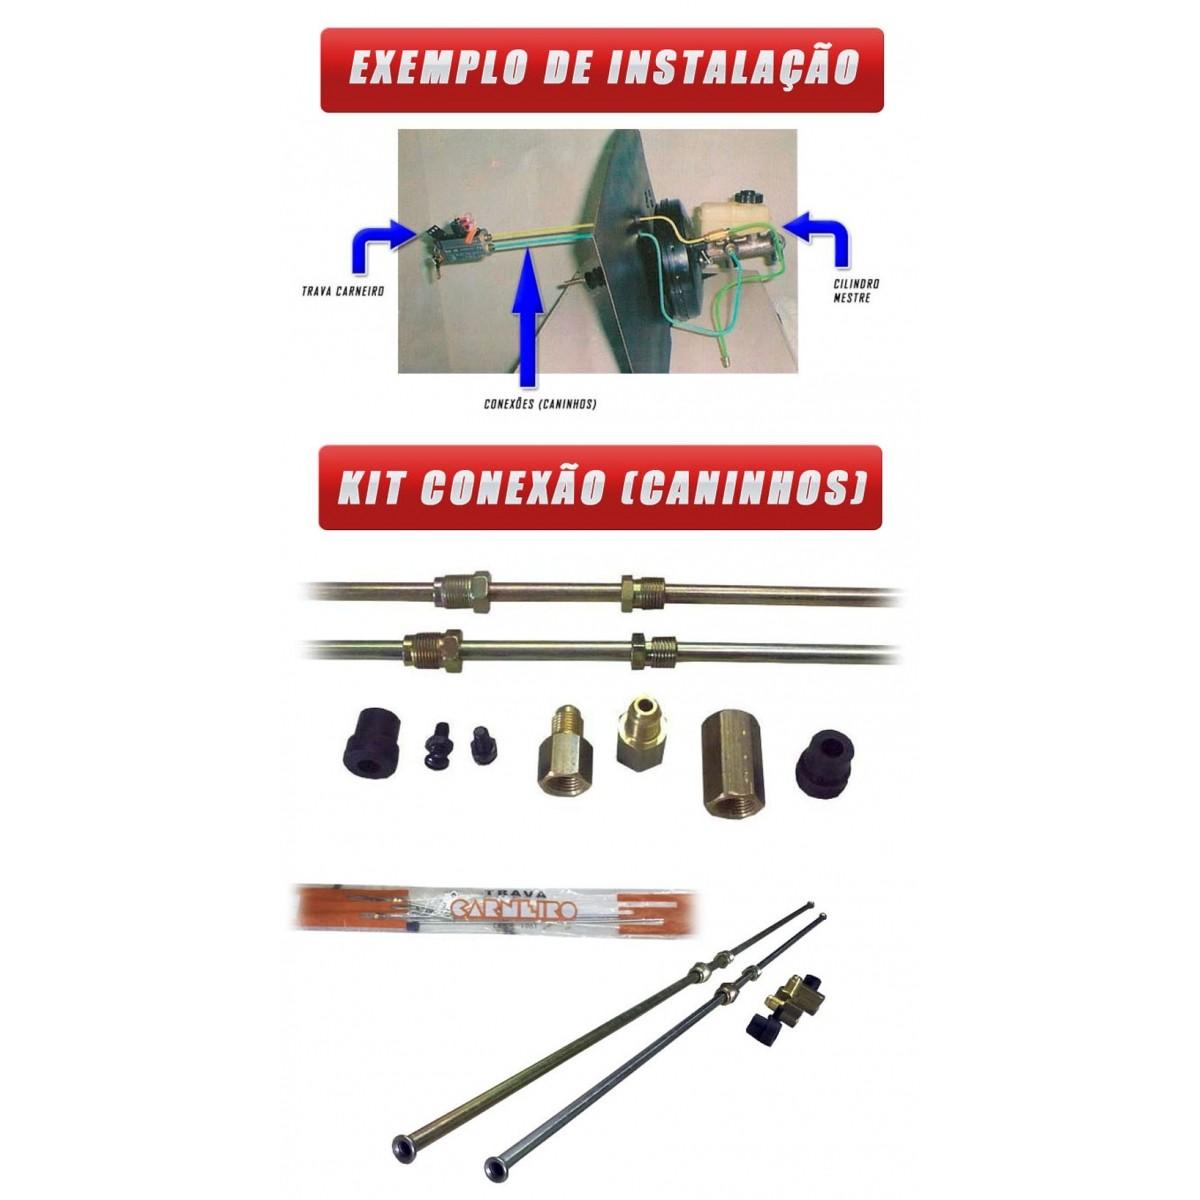 Kit Trava Carneiro Para Instalação  Conexões e Tubos  Pacri - Keso